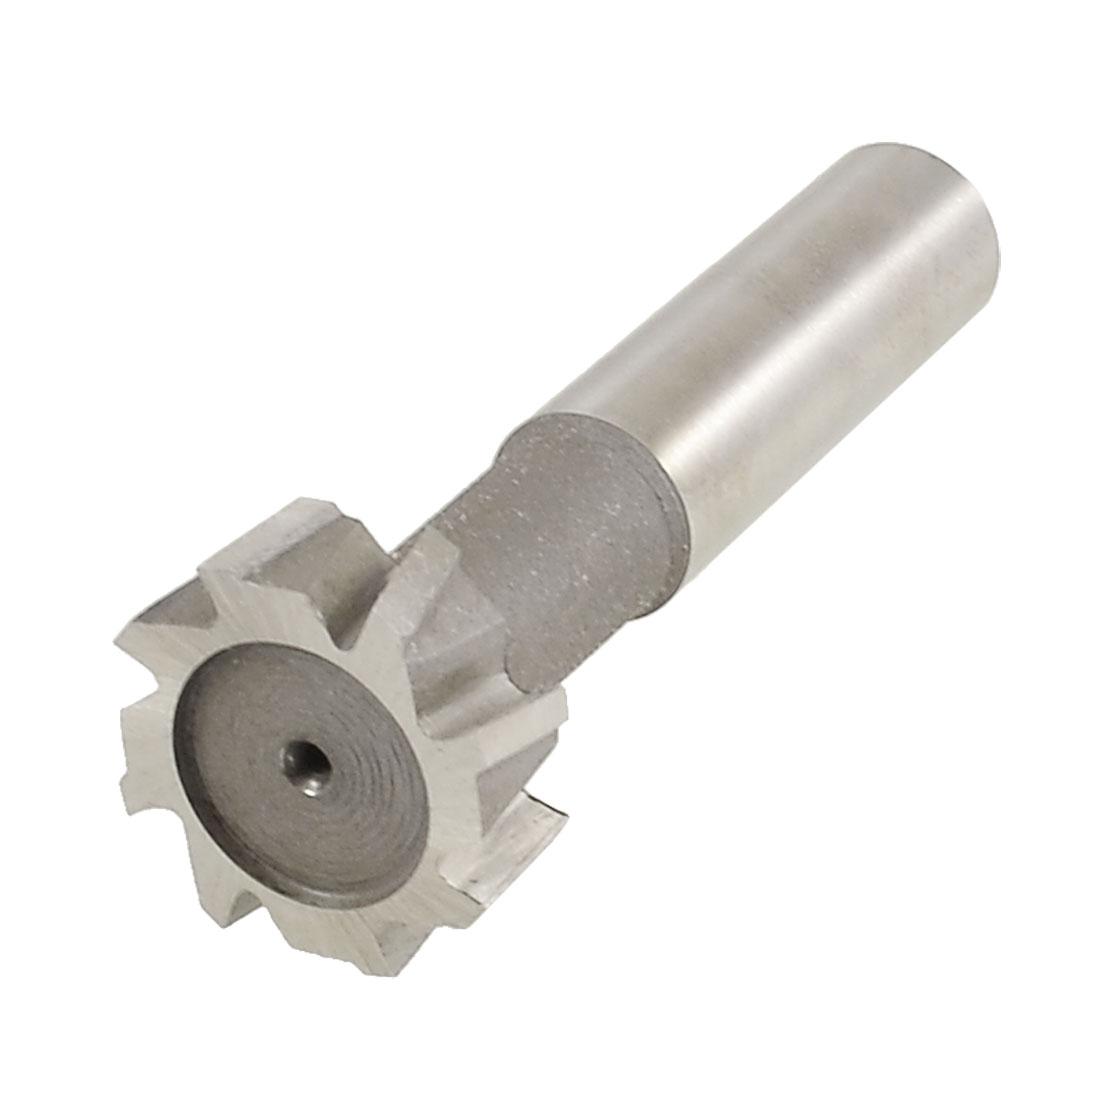 """1 1/5"""" x 3/8"""" 8 Flutes Straight Shank T Slot Cutter Tool w Plastic Storage Box"""